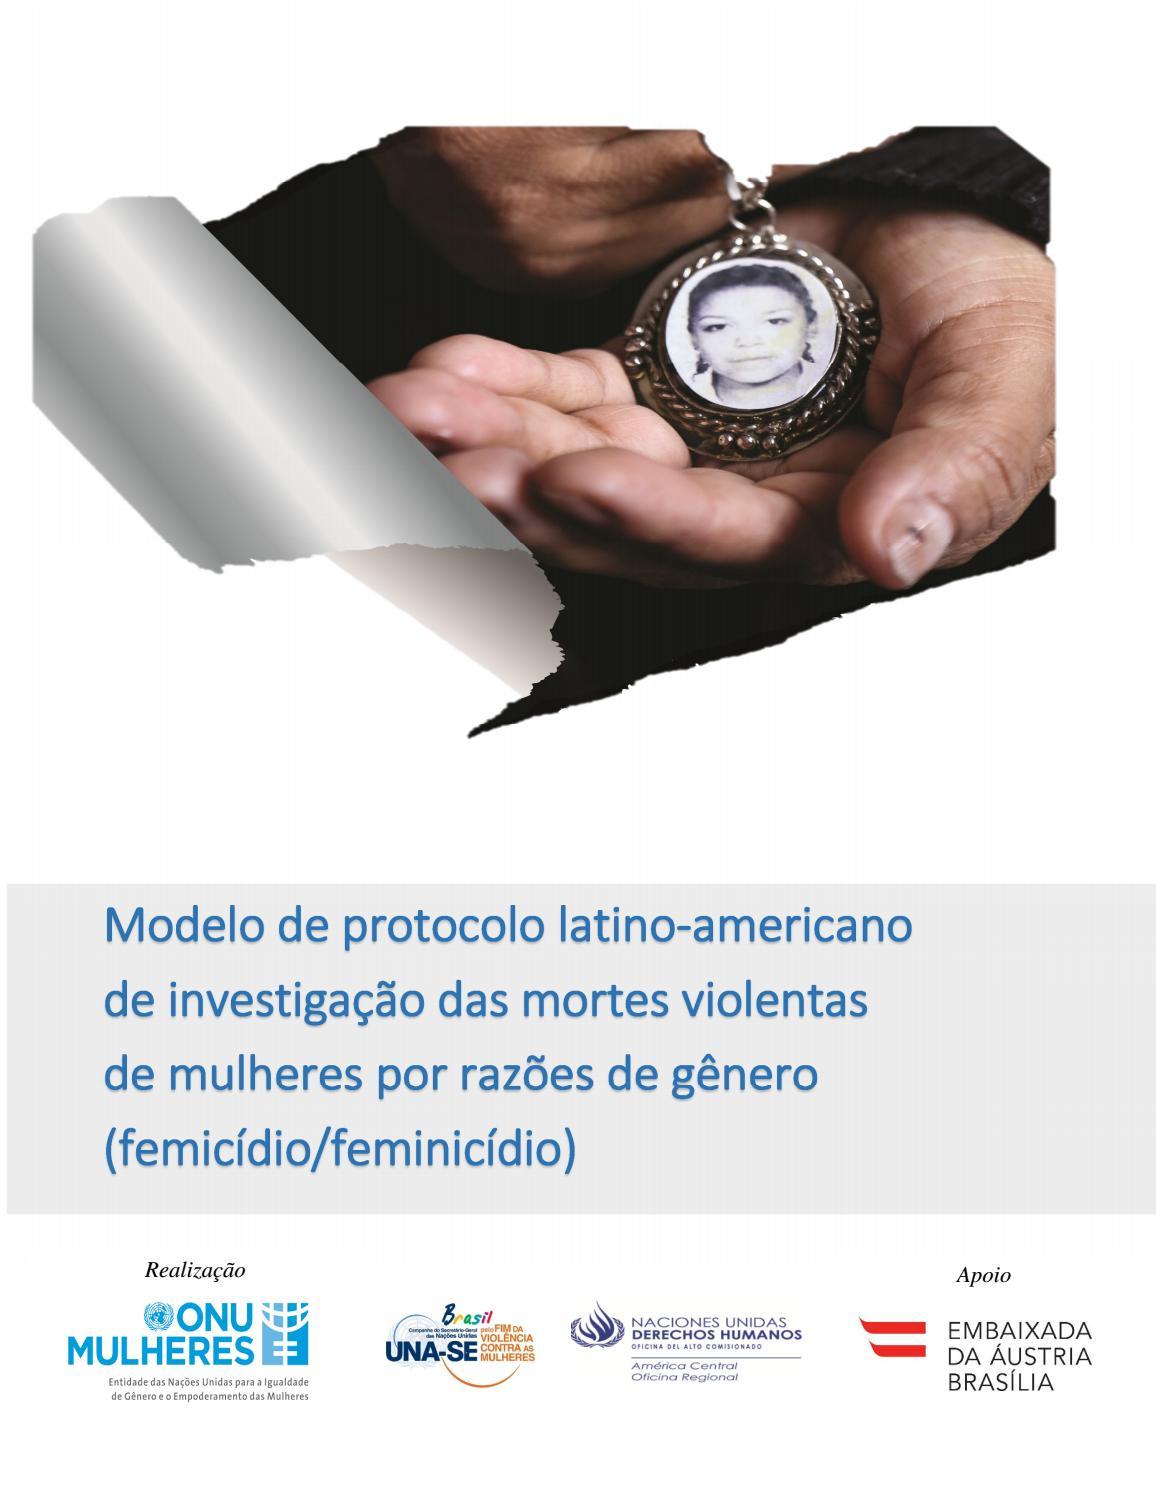 Modelo de Protocolo Latino-americano de Investigação das